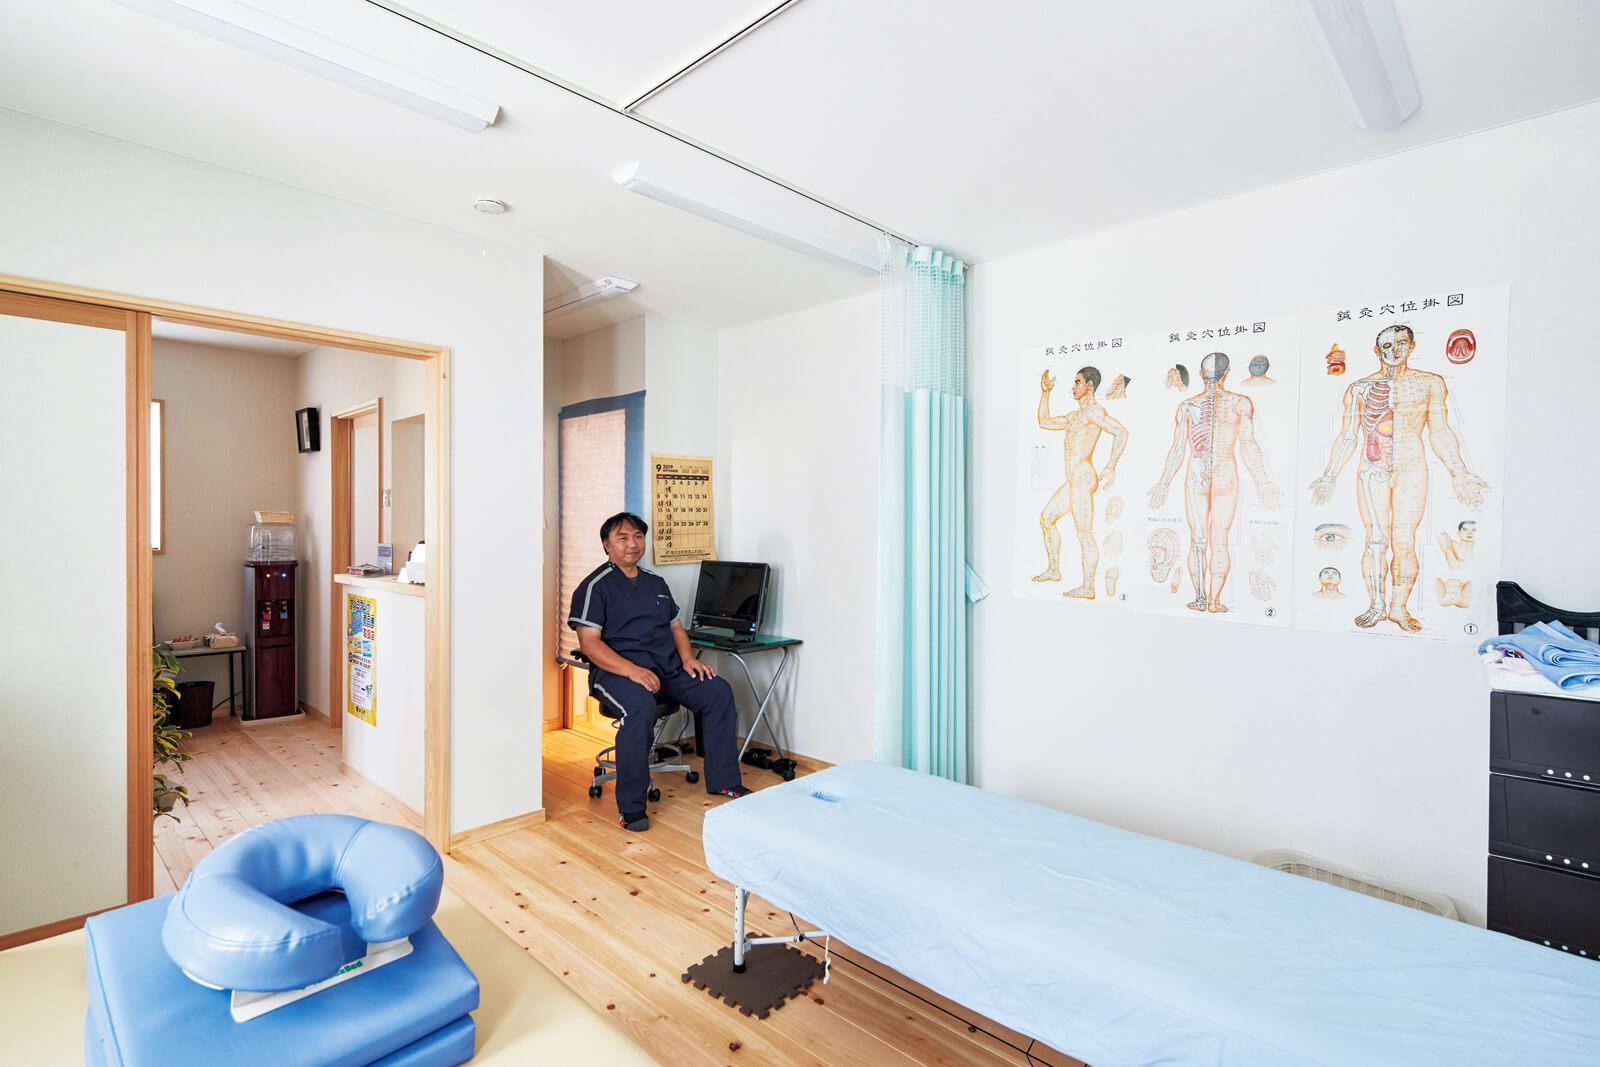 施療院の施術室。左奥が待合室になっており、右奥から住居スペースへとアクセスできる